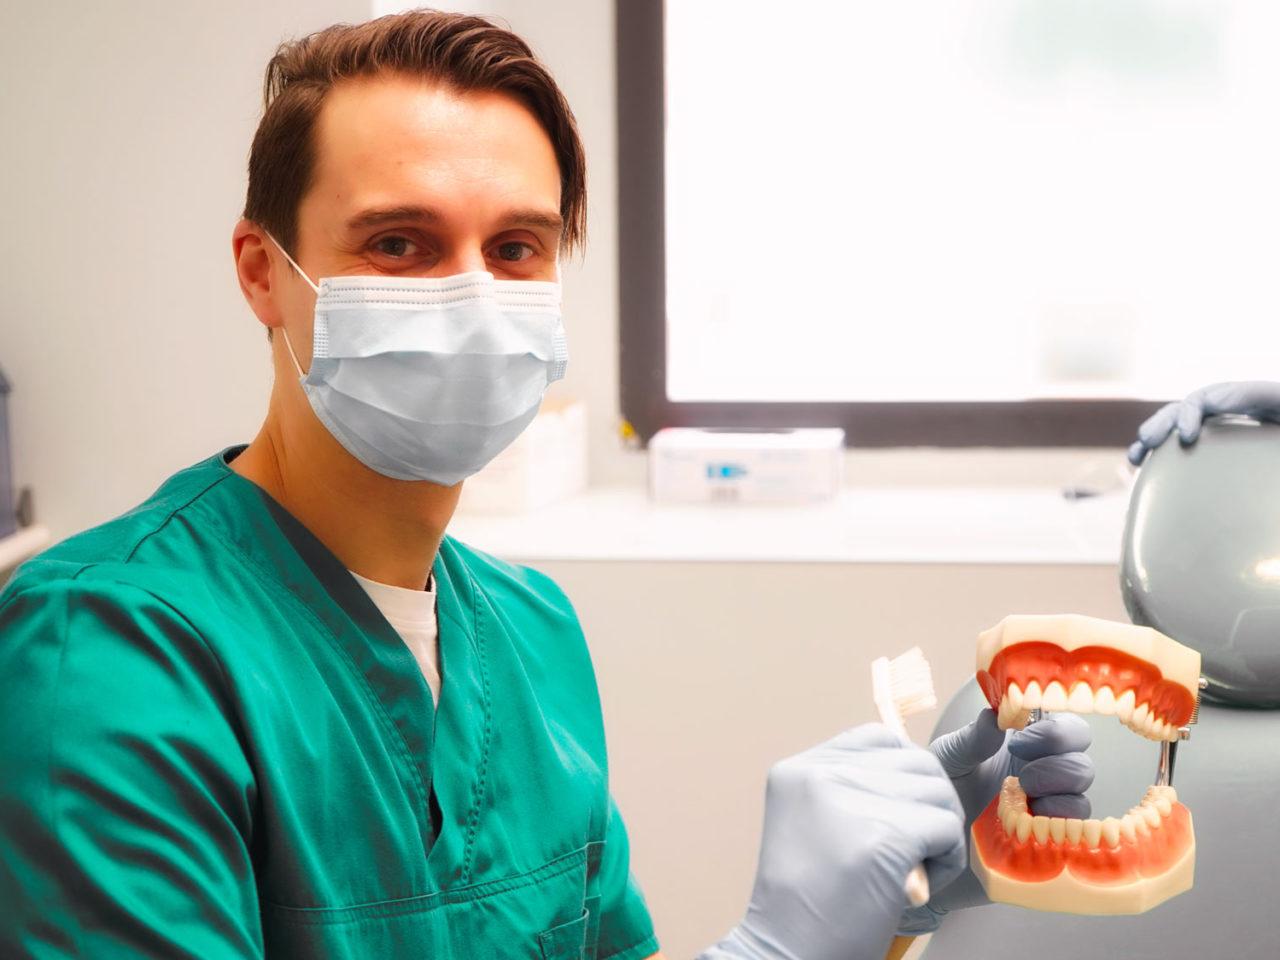 Igiene - igiene orale - Studi Mezzena Centro di Riabilitazione Odontoiatrica a Concesio (BS) - Orzinuovi (BS) - Pessano (MI) - Treviglio (BG)